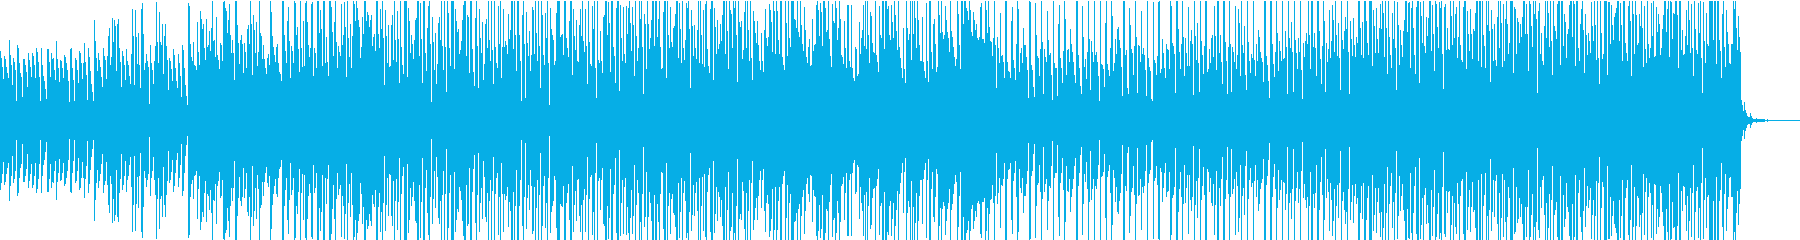 ビーチ気分を誘うトロピカルハウスの再生済みの波形